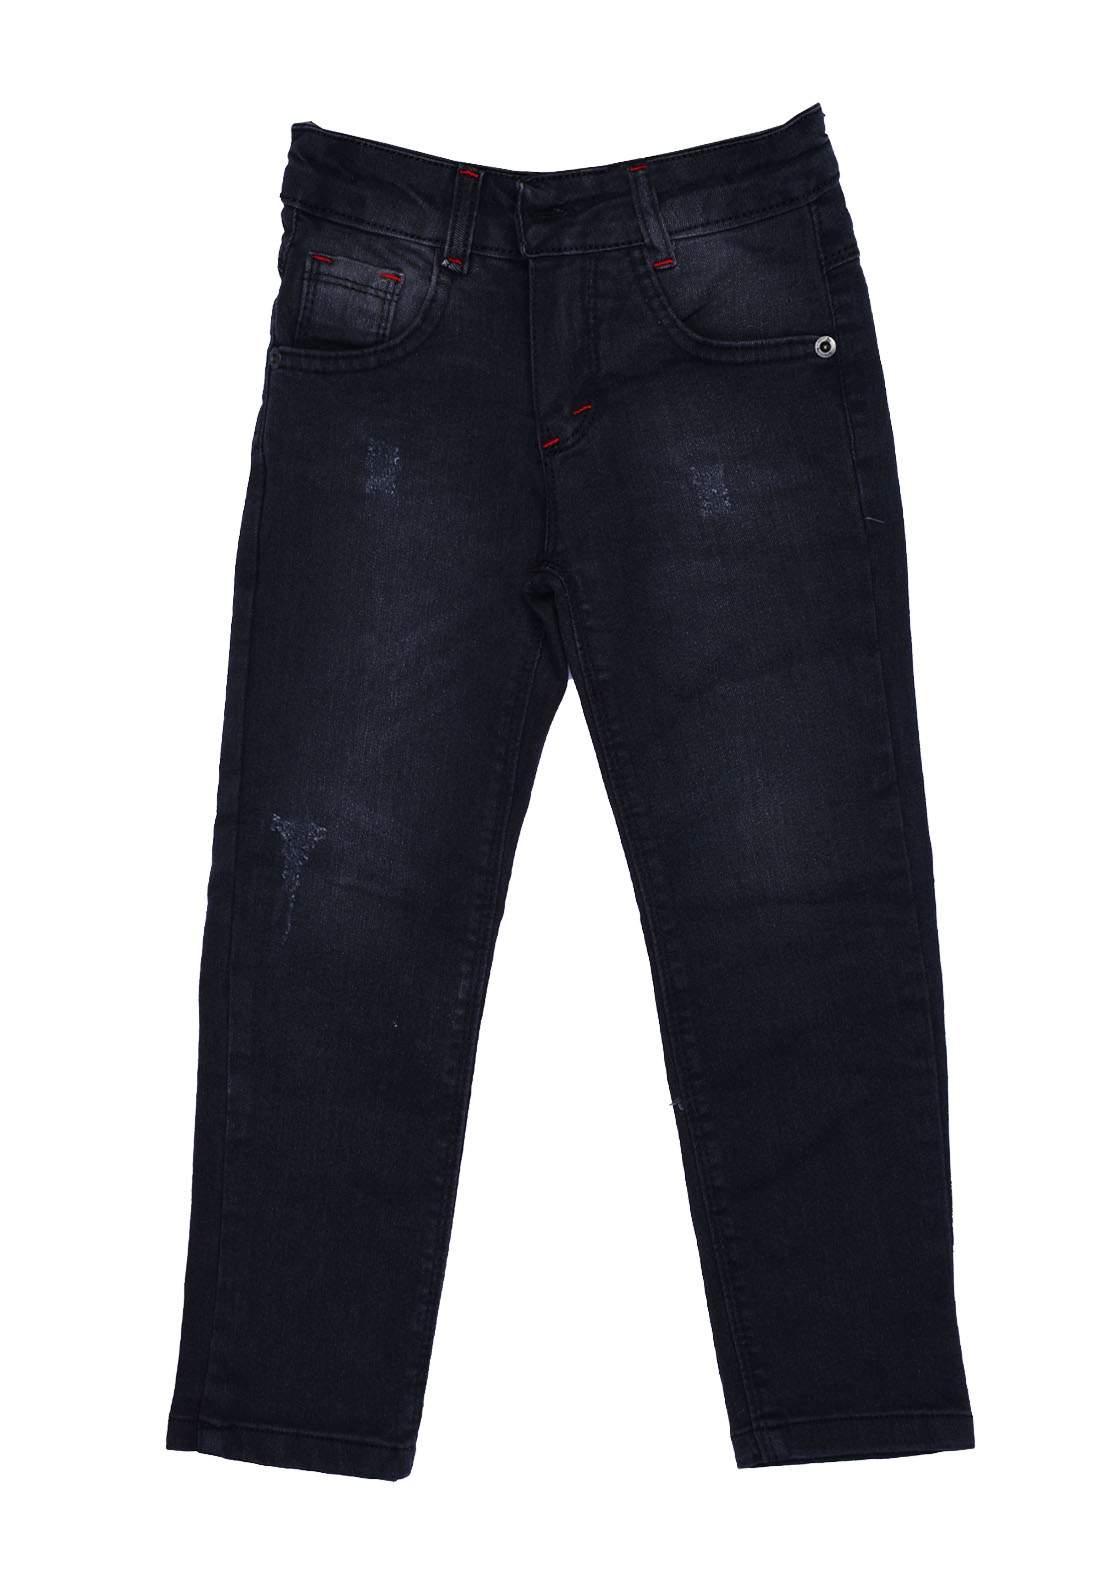 بنطلون ولادي جينز ازرق اللون من Astar